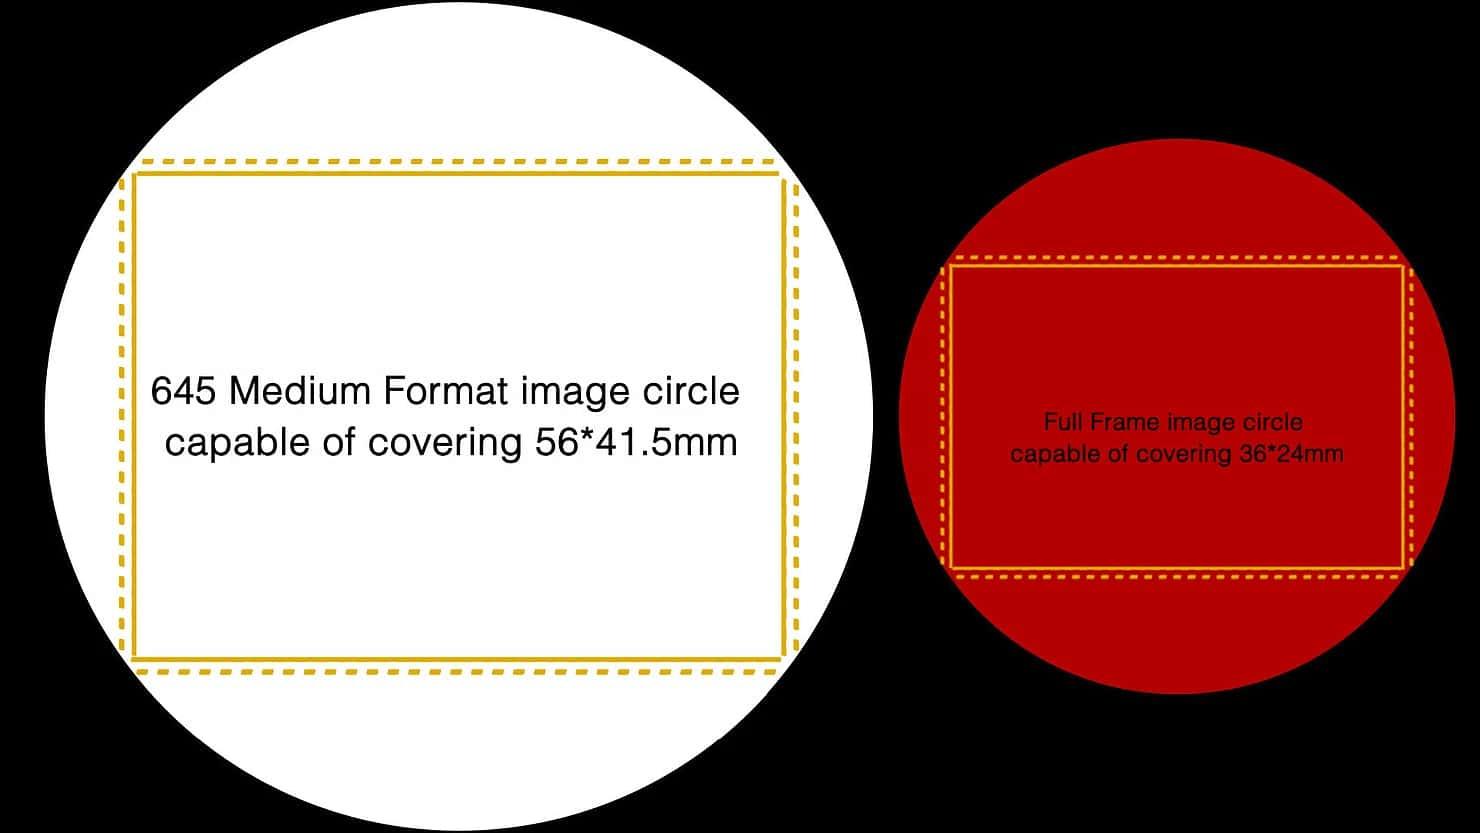 Transform the MAVO LF into a Medium Format camera